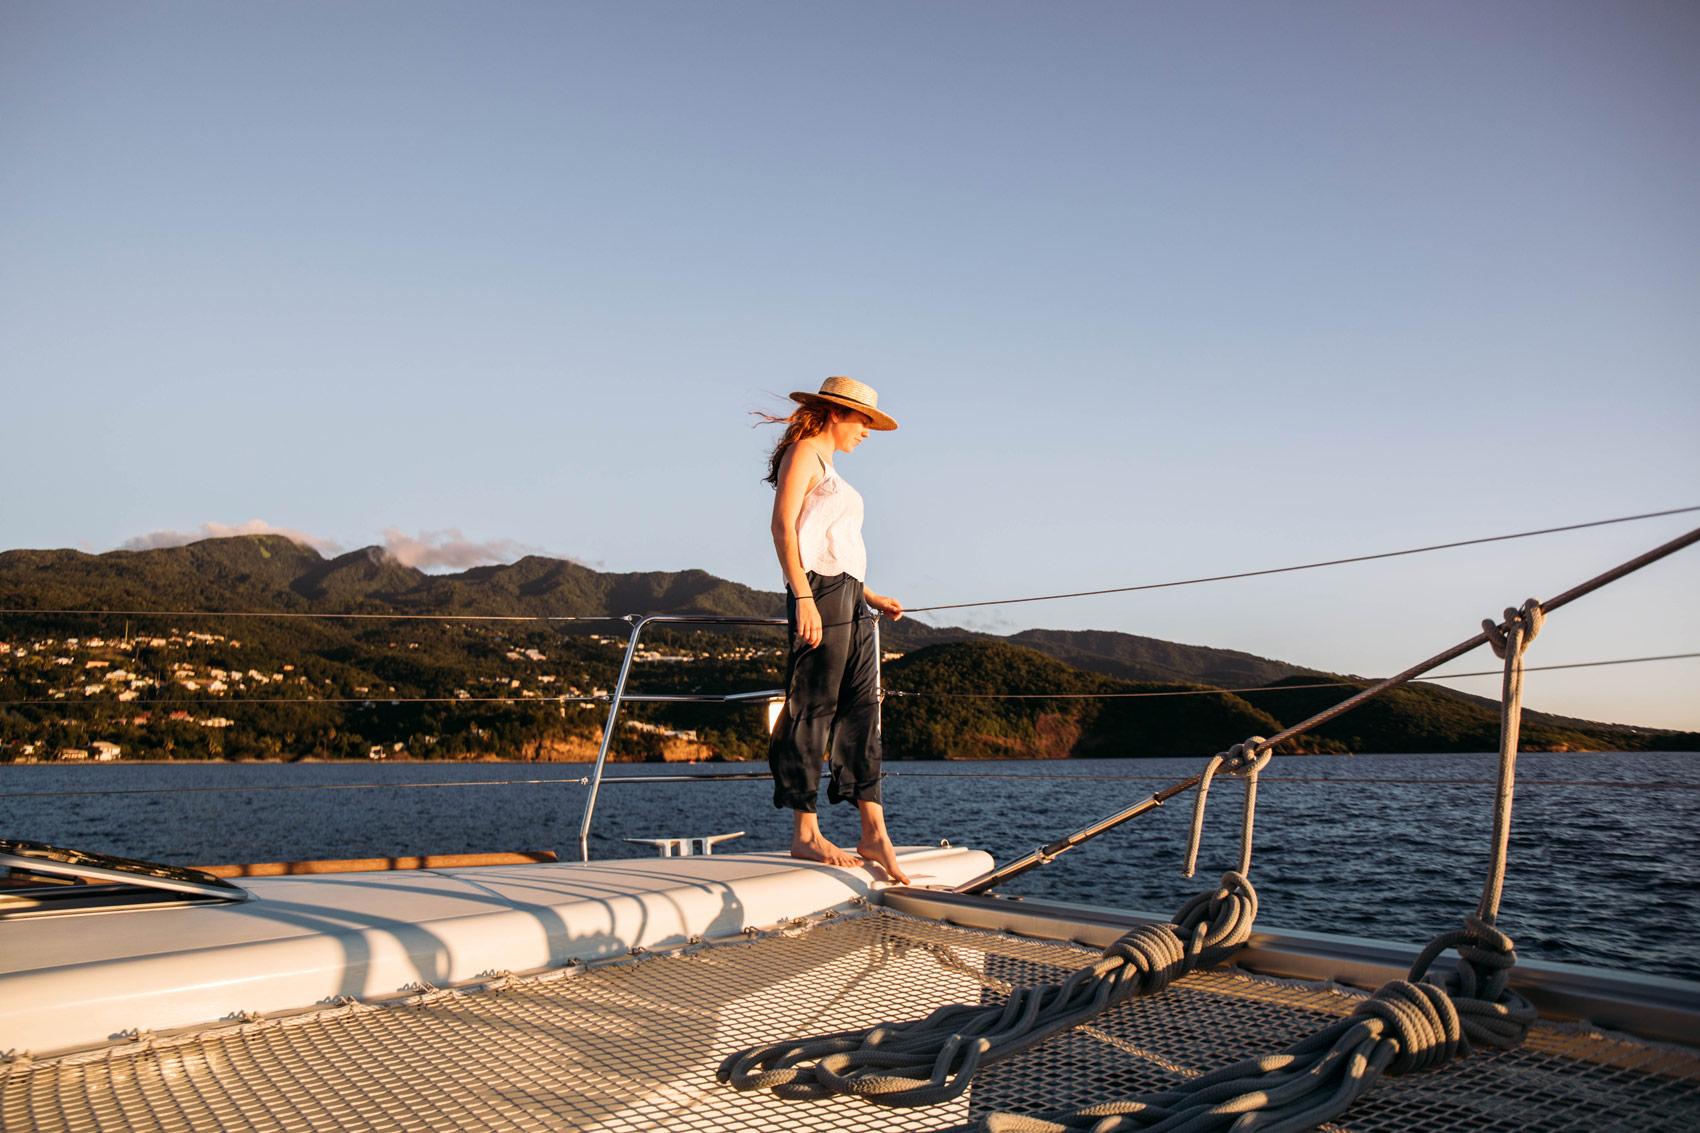 croisière catamaran antilles tout compris